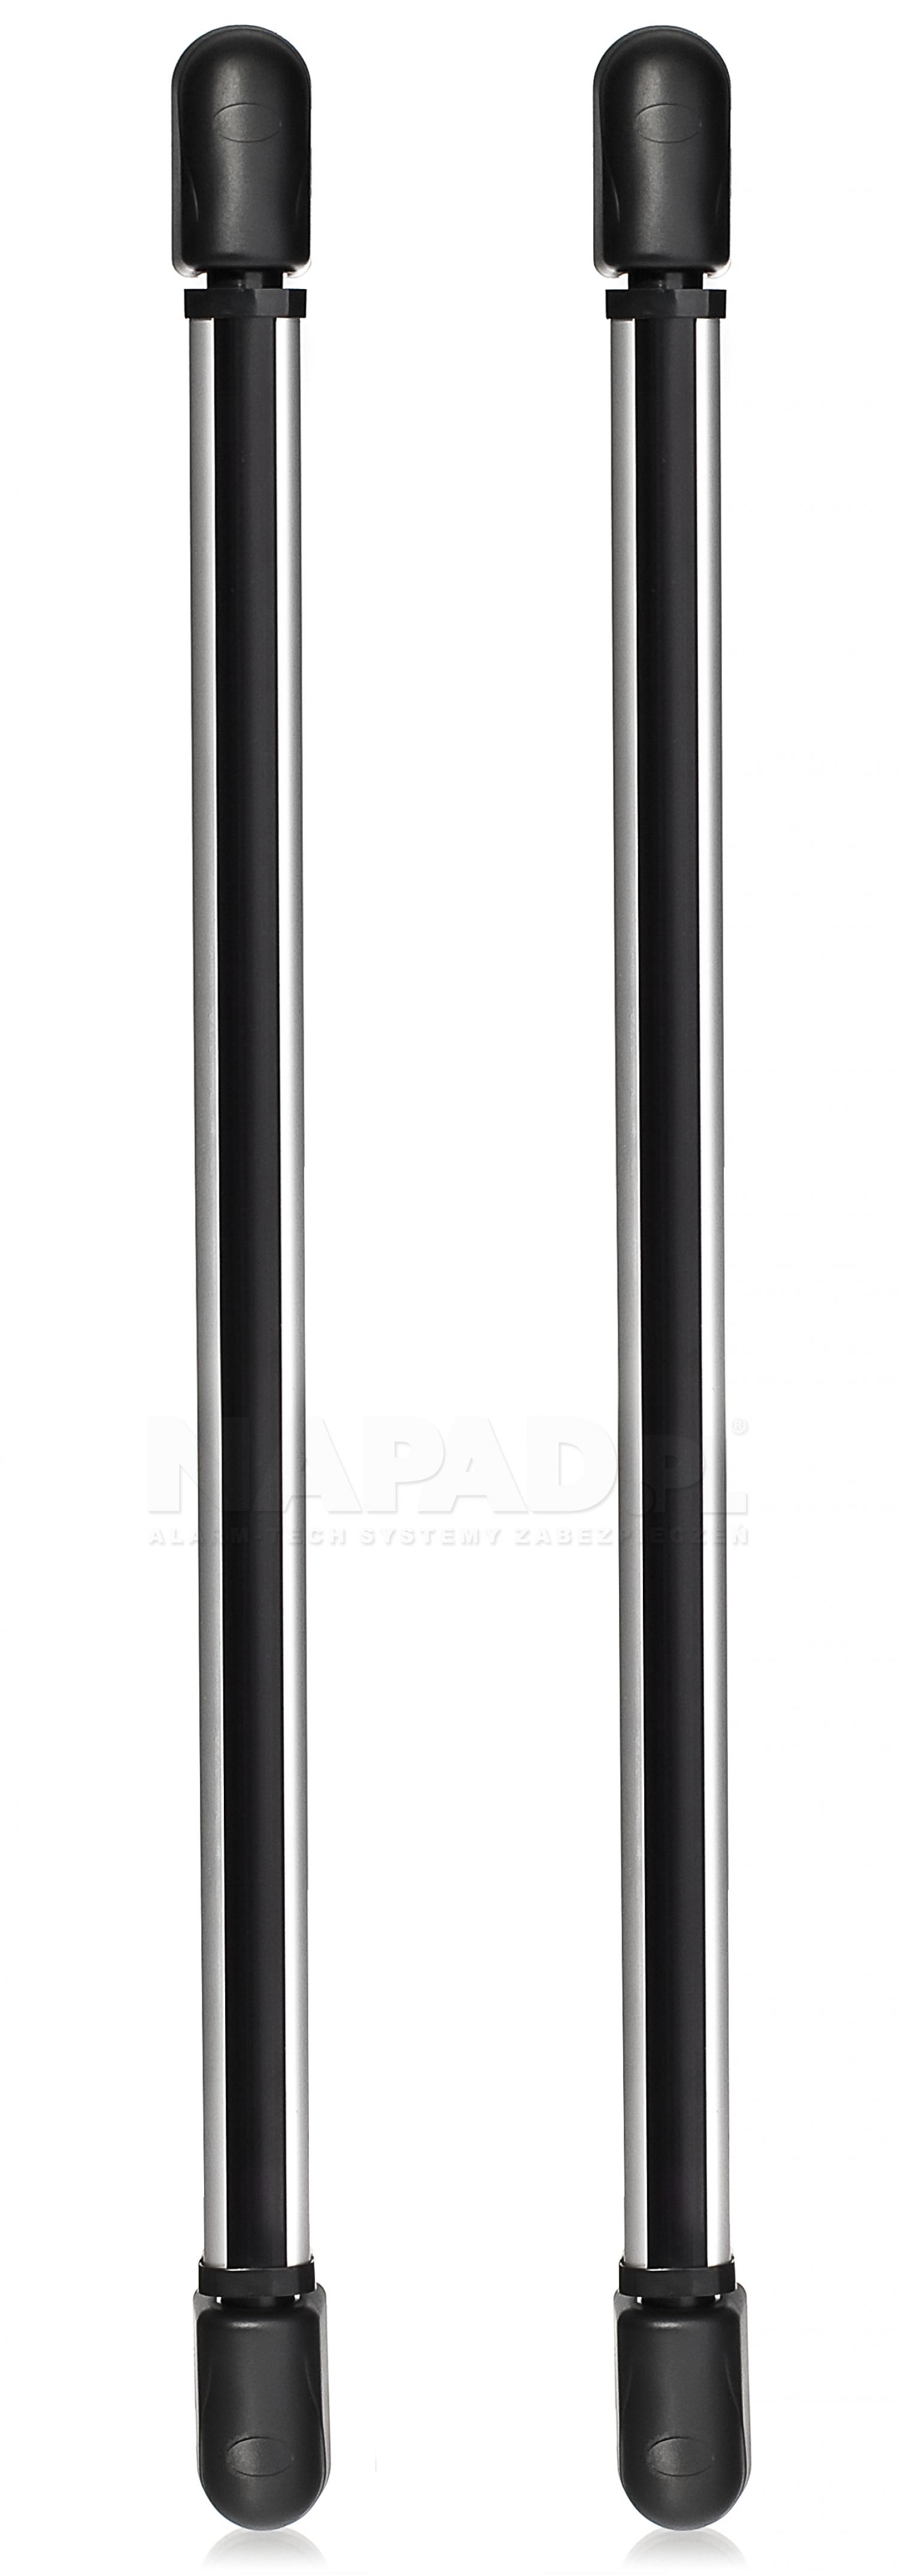 Bariera podczerwieni ABX-F1040